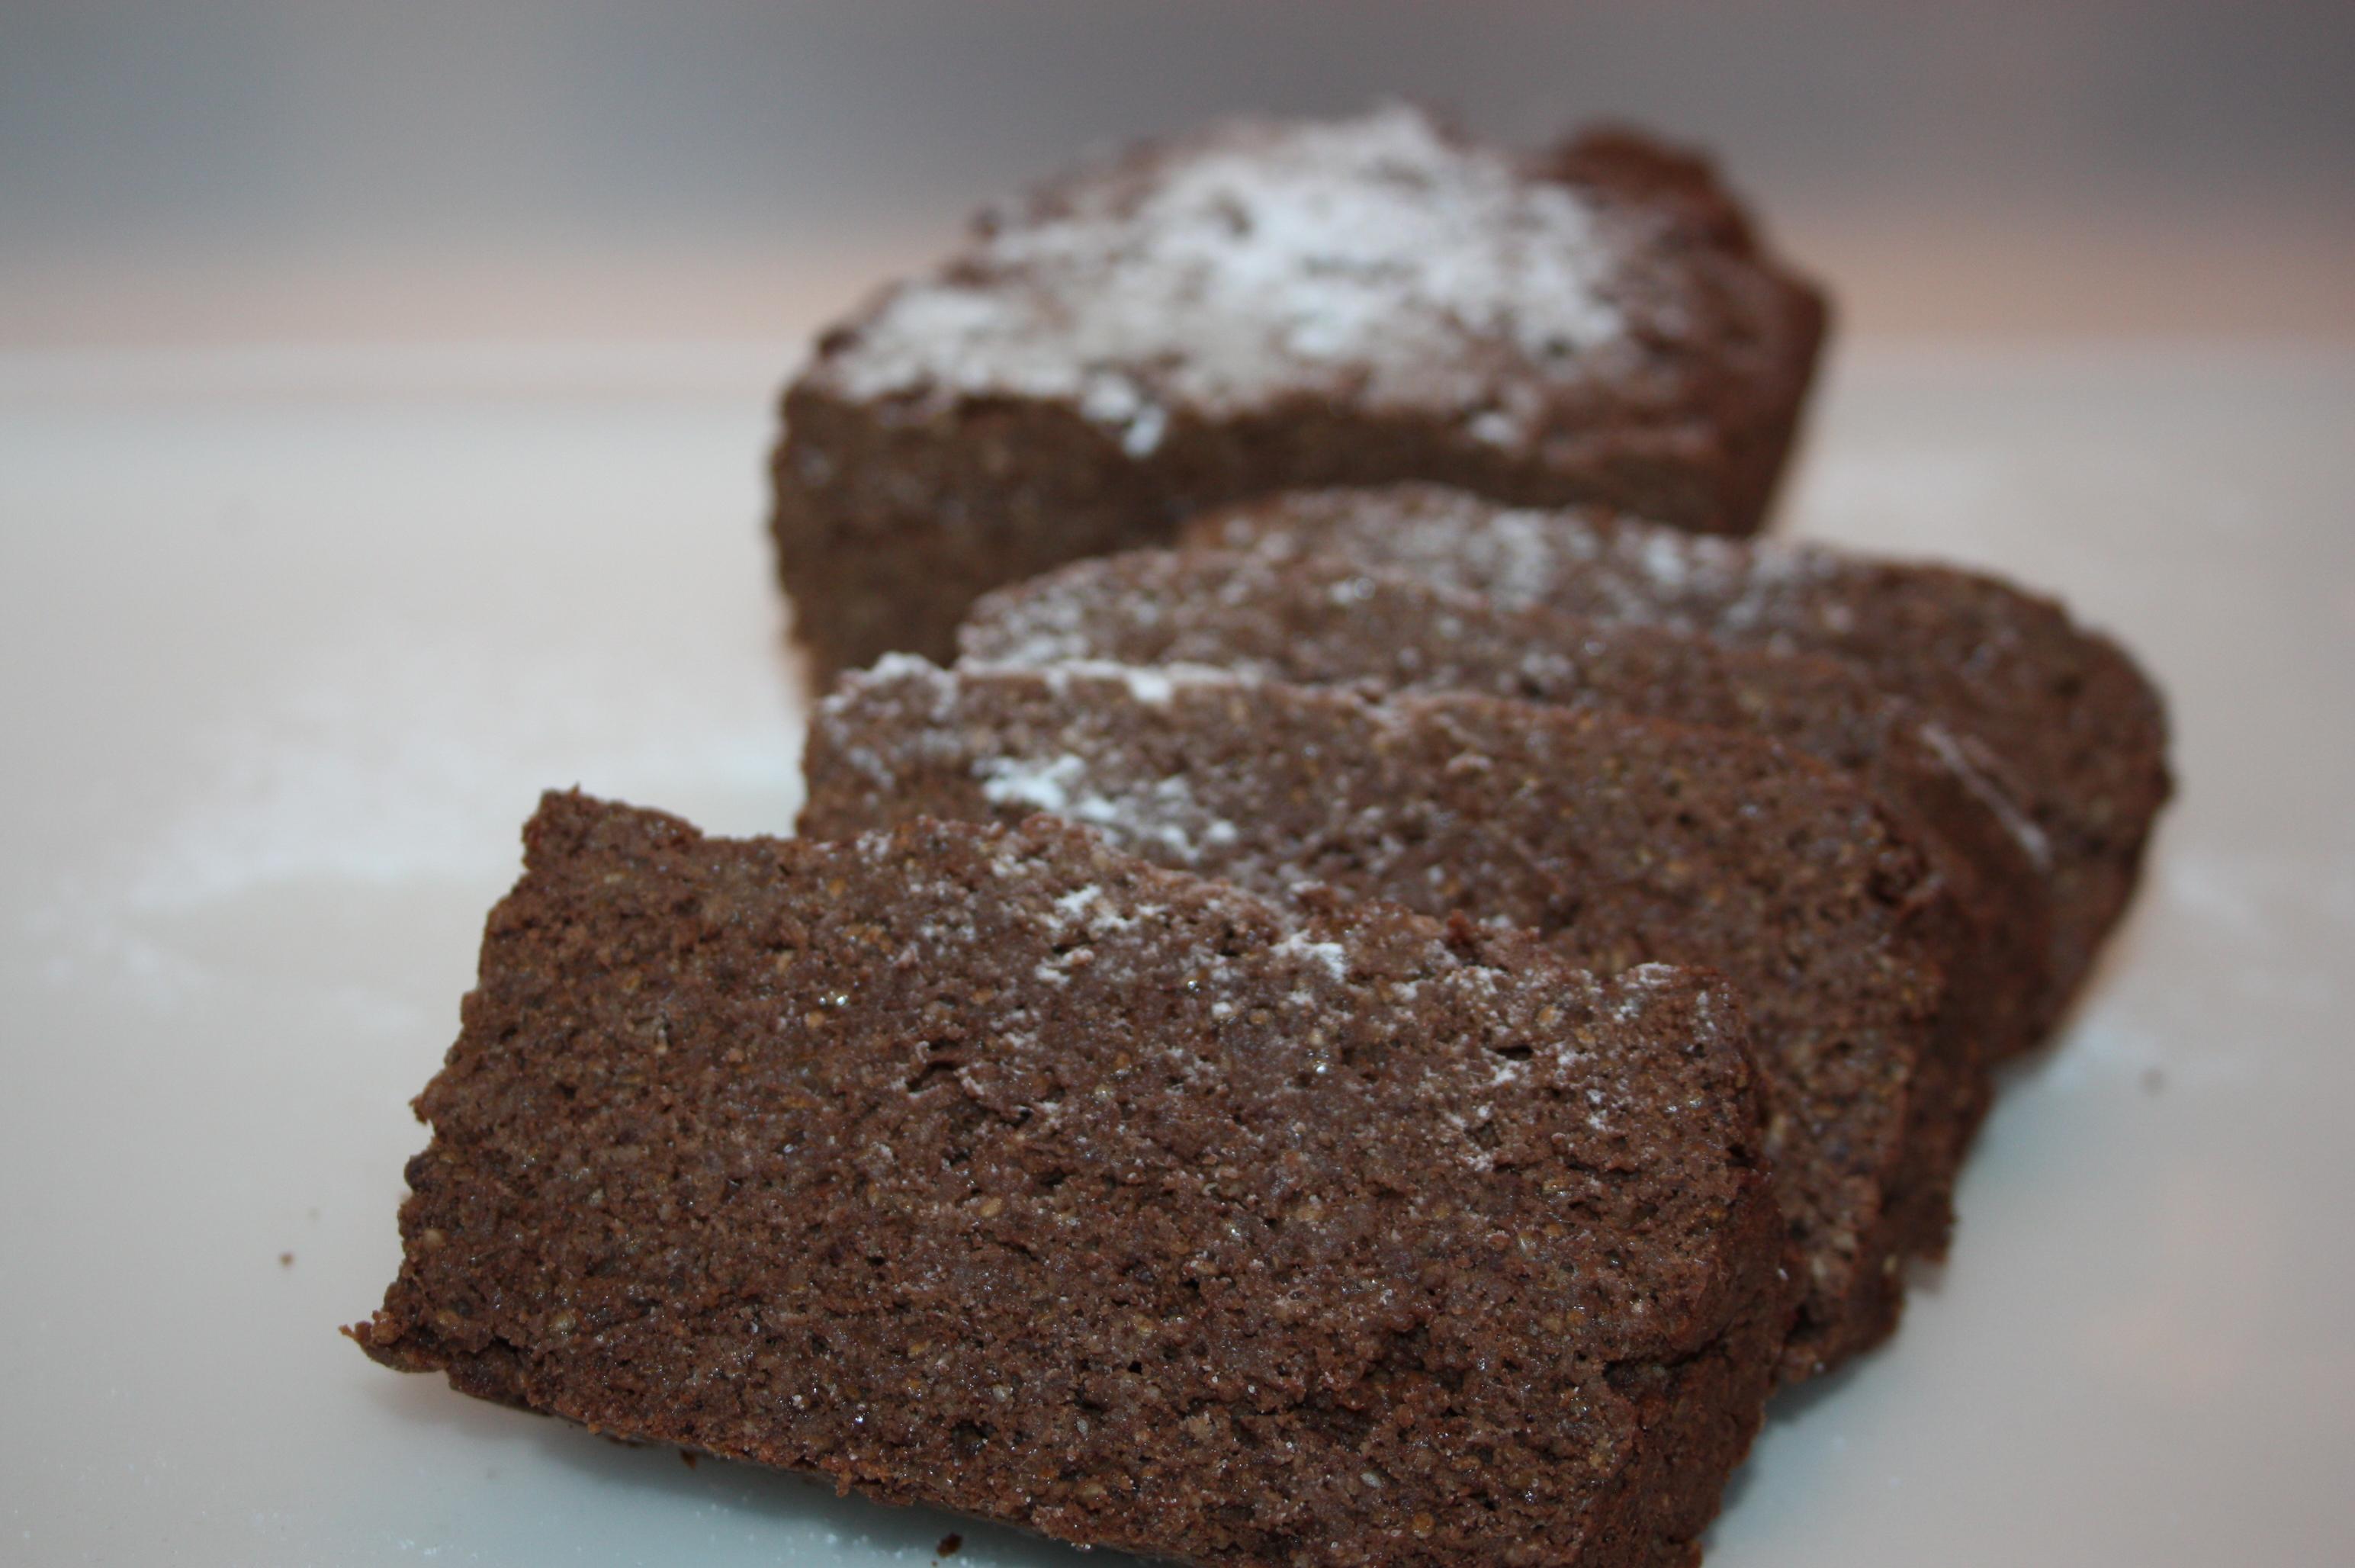 kaffekake med chia sjokoladekake formkake chia oppskrift kake.jpg